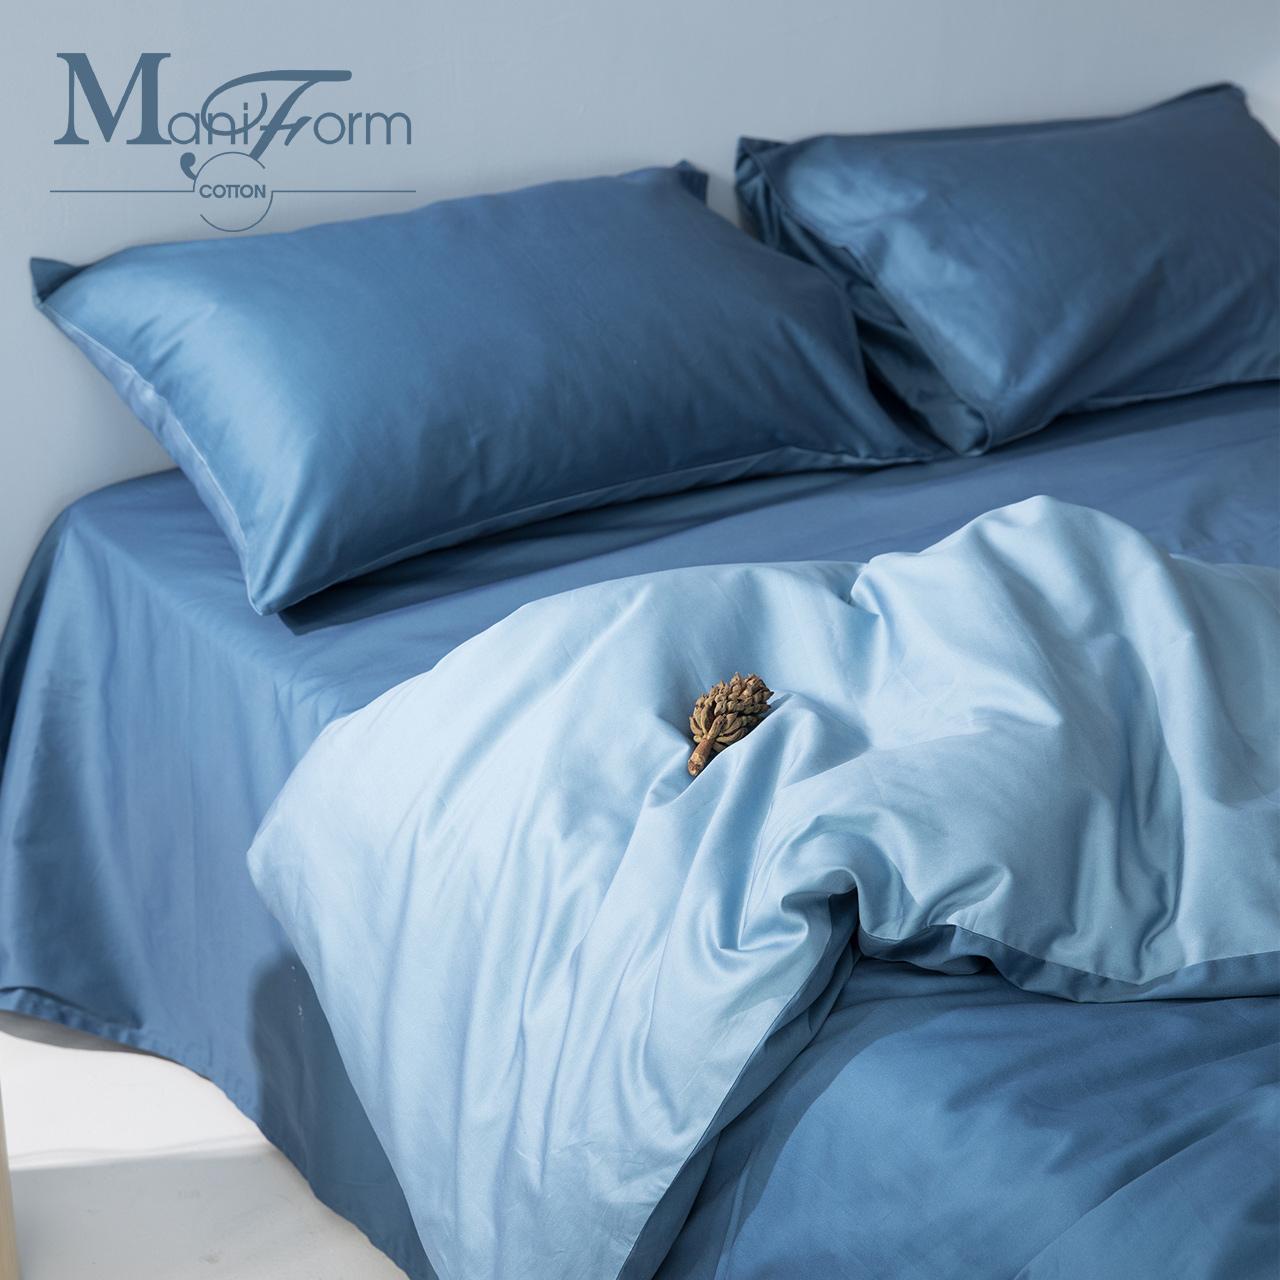 60支长绒棉,接近丝绸般质感:曼妮芬 纯棉床上四件套 1.5m